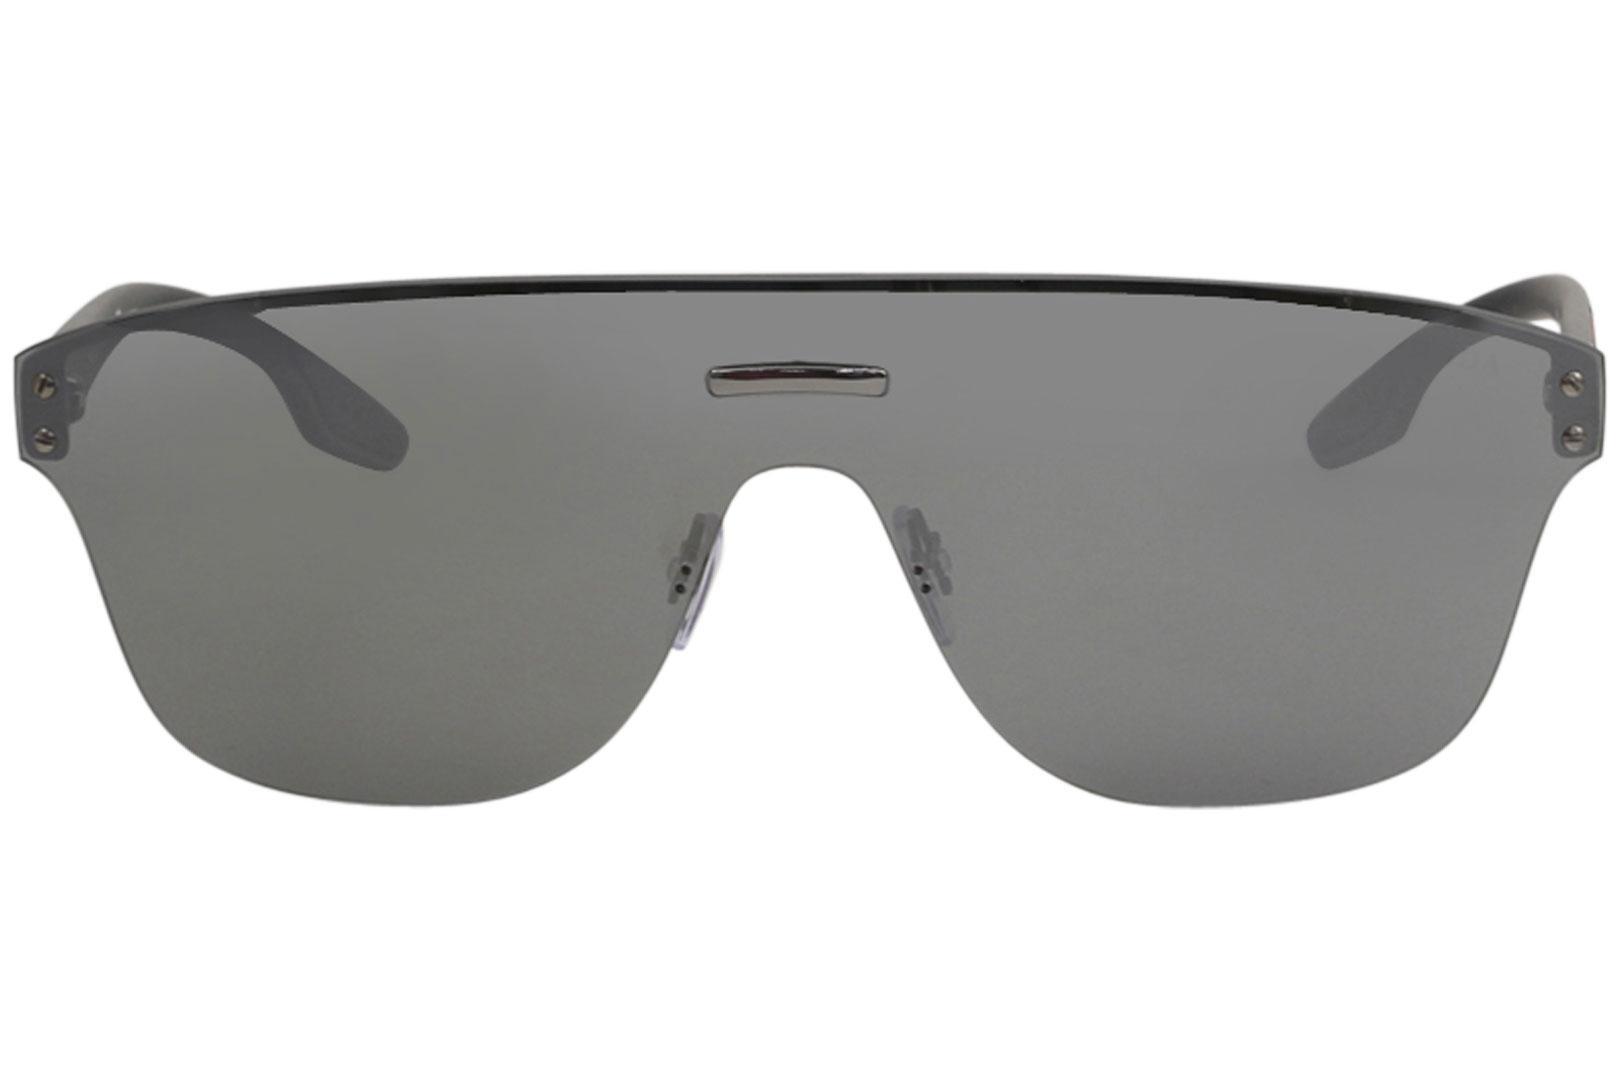 5d59dc462 Óculos de Sol Prada SPS57T 5S0-5S0 - Omega Ótica e Relojoaria